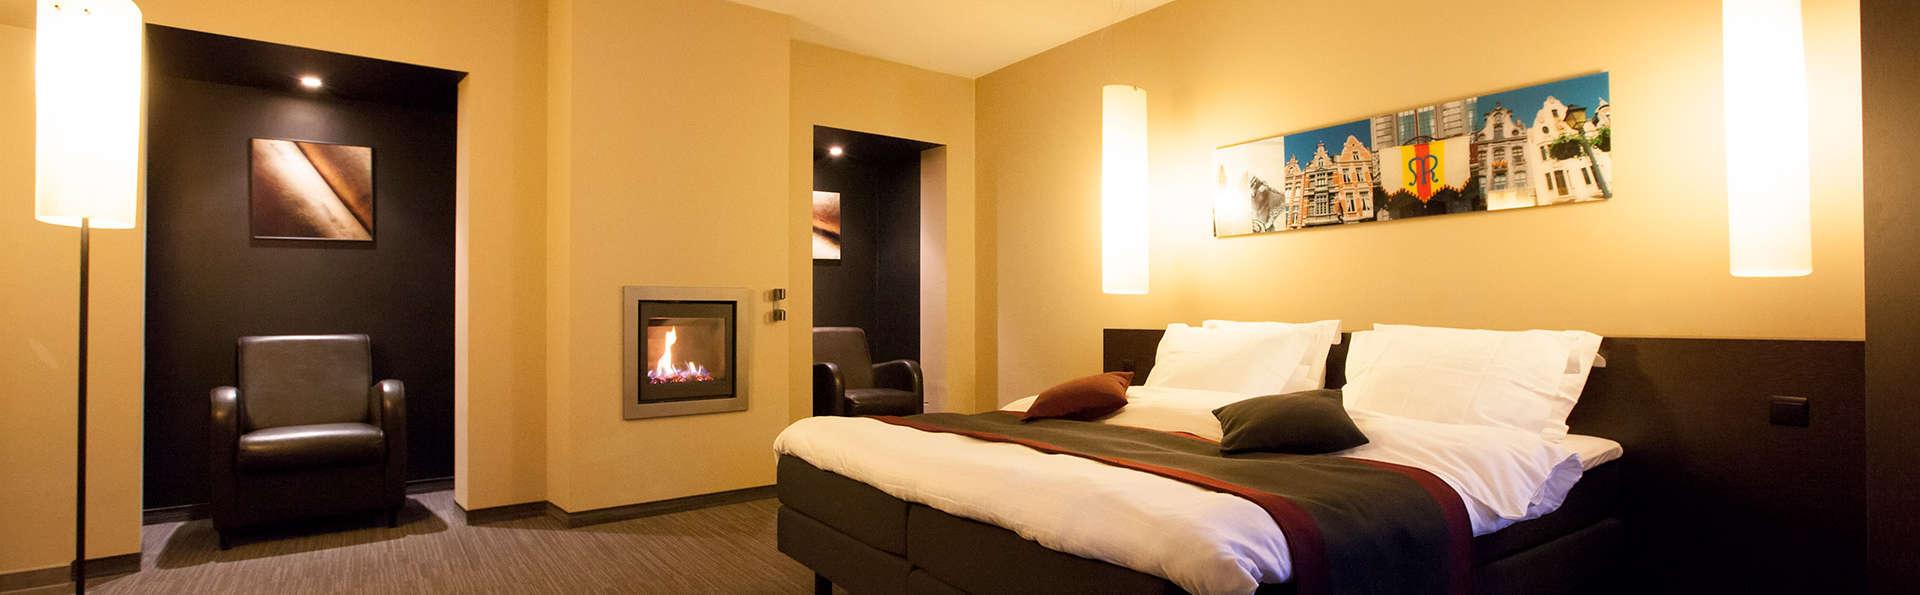 Heerlijk ontspannen in luxueus design hotel in hartje Mechelen